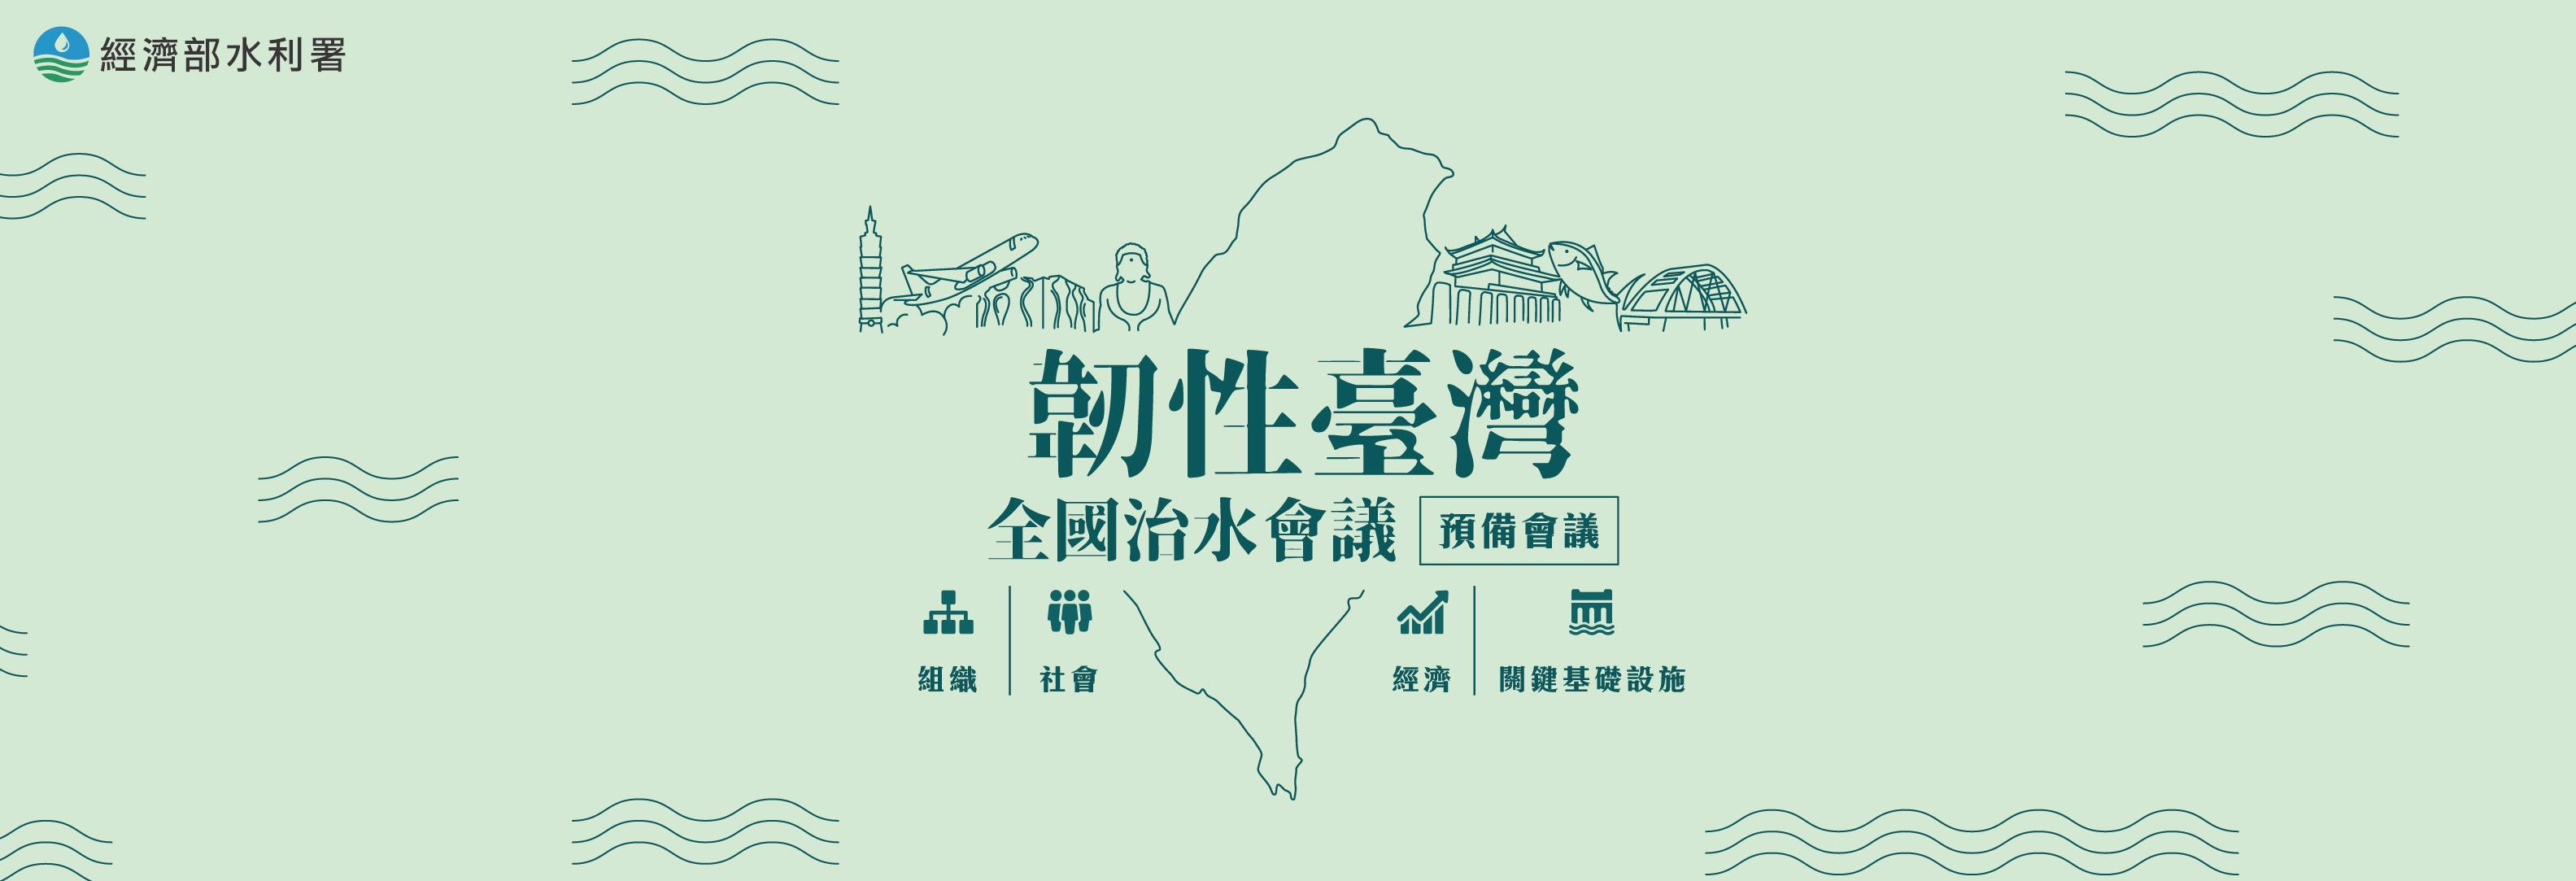 「韌性臺灣-全國治水會議」預備會議